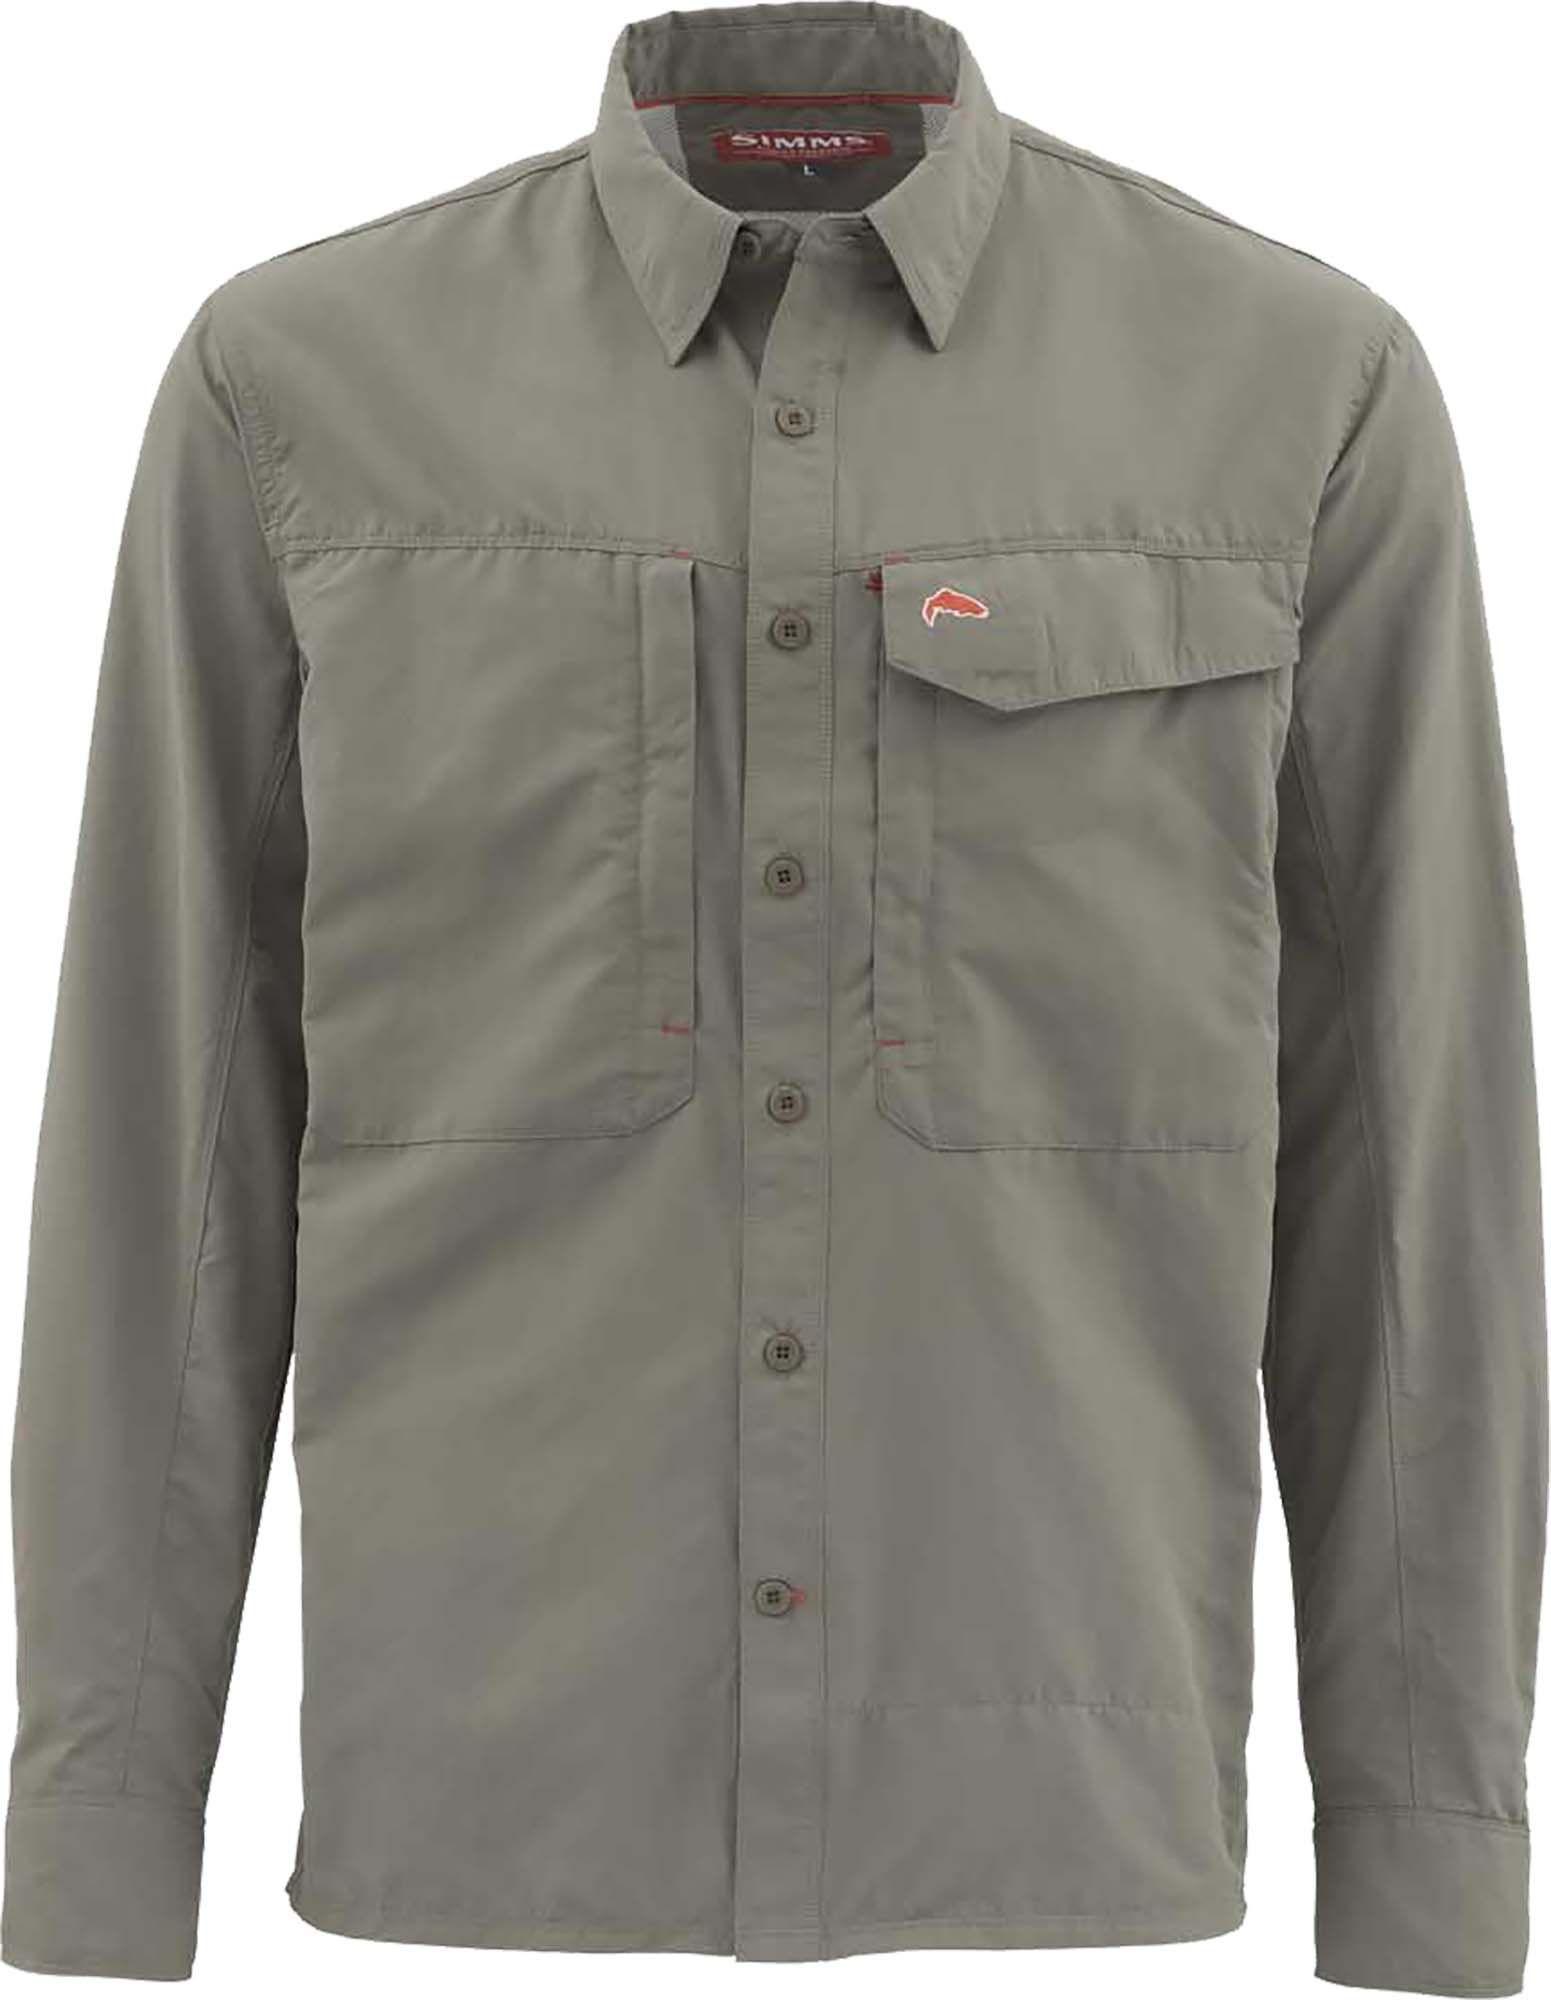 Simms Simms Men S Guide Solid Long Sleeve Button Down Shirt Walmart Com Long Sleeve Shirt Men Long Sleeve Shirts Mens Shirts [ 2000 x 1551 Pixel ]